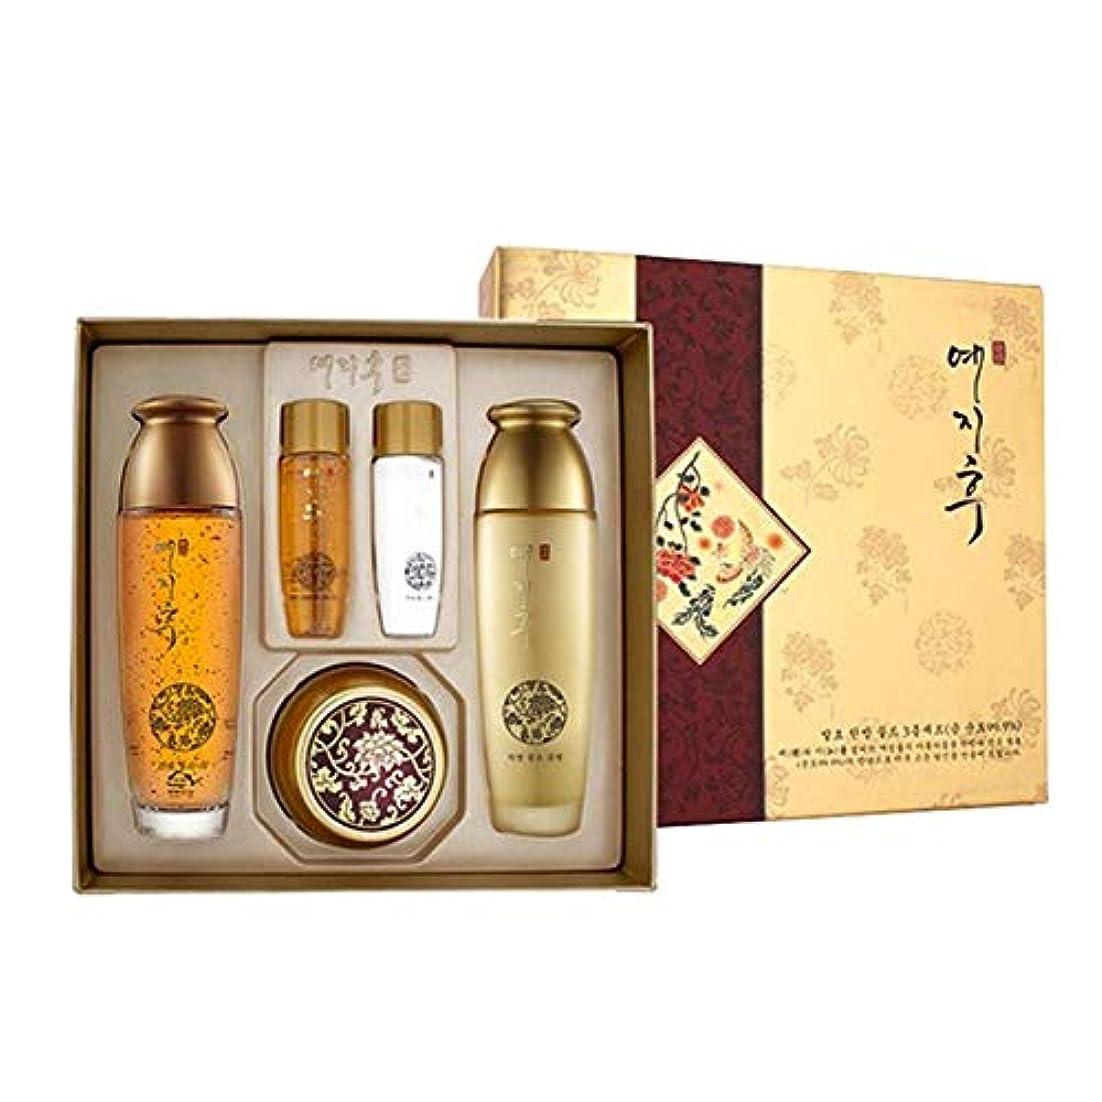 ほかにセンター概念イェジフ漢方ゴールド3種セットゴールド水180ml(150+30) ゴールド乳液180ml(150+30) ゴールド栄養クリーム50ml、Yezihu 3 Sets of Herbal Gold Cosmetics [並行輸入品]